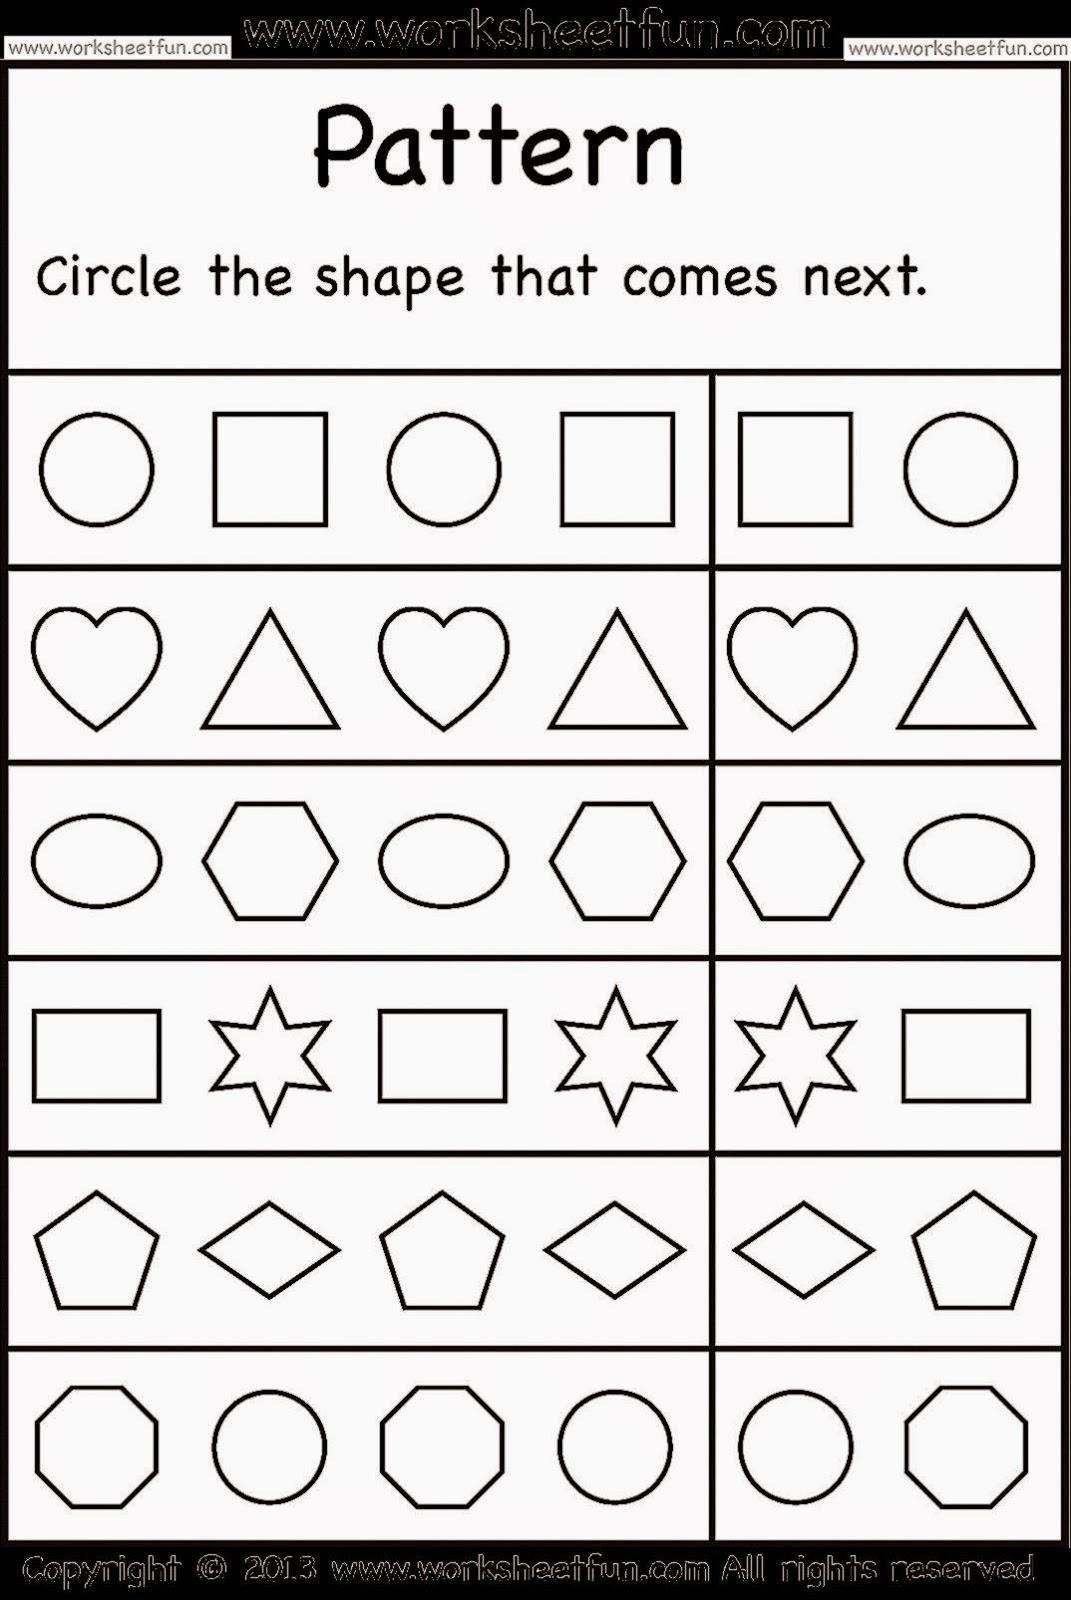 5 Images of Pre-Kindergarten Worksheets Free Printables